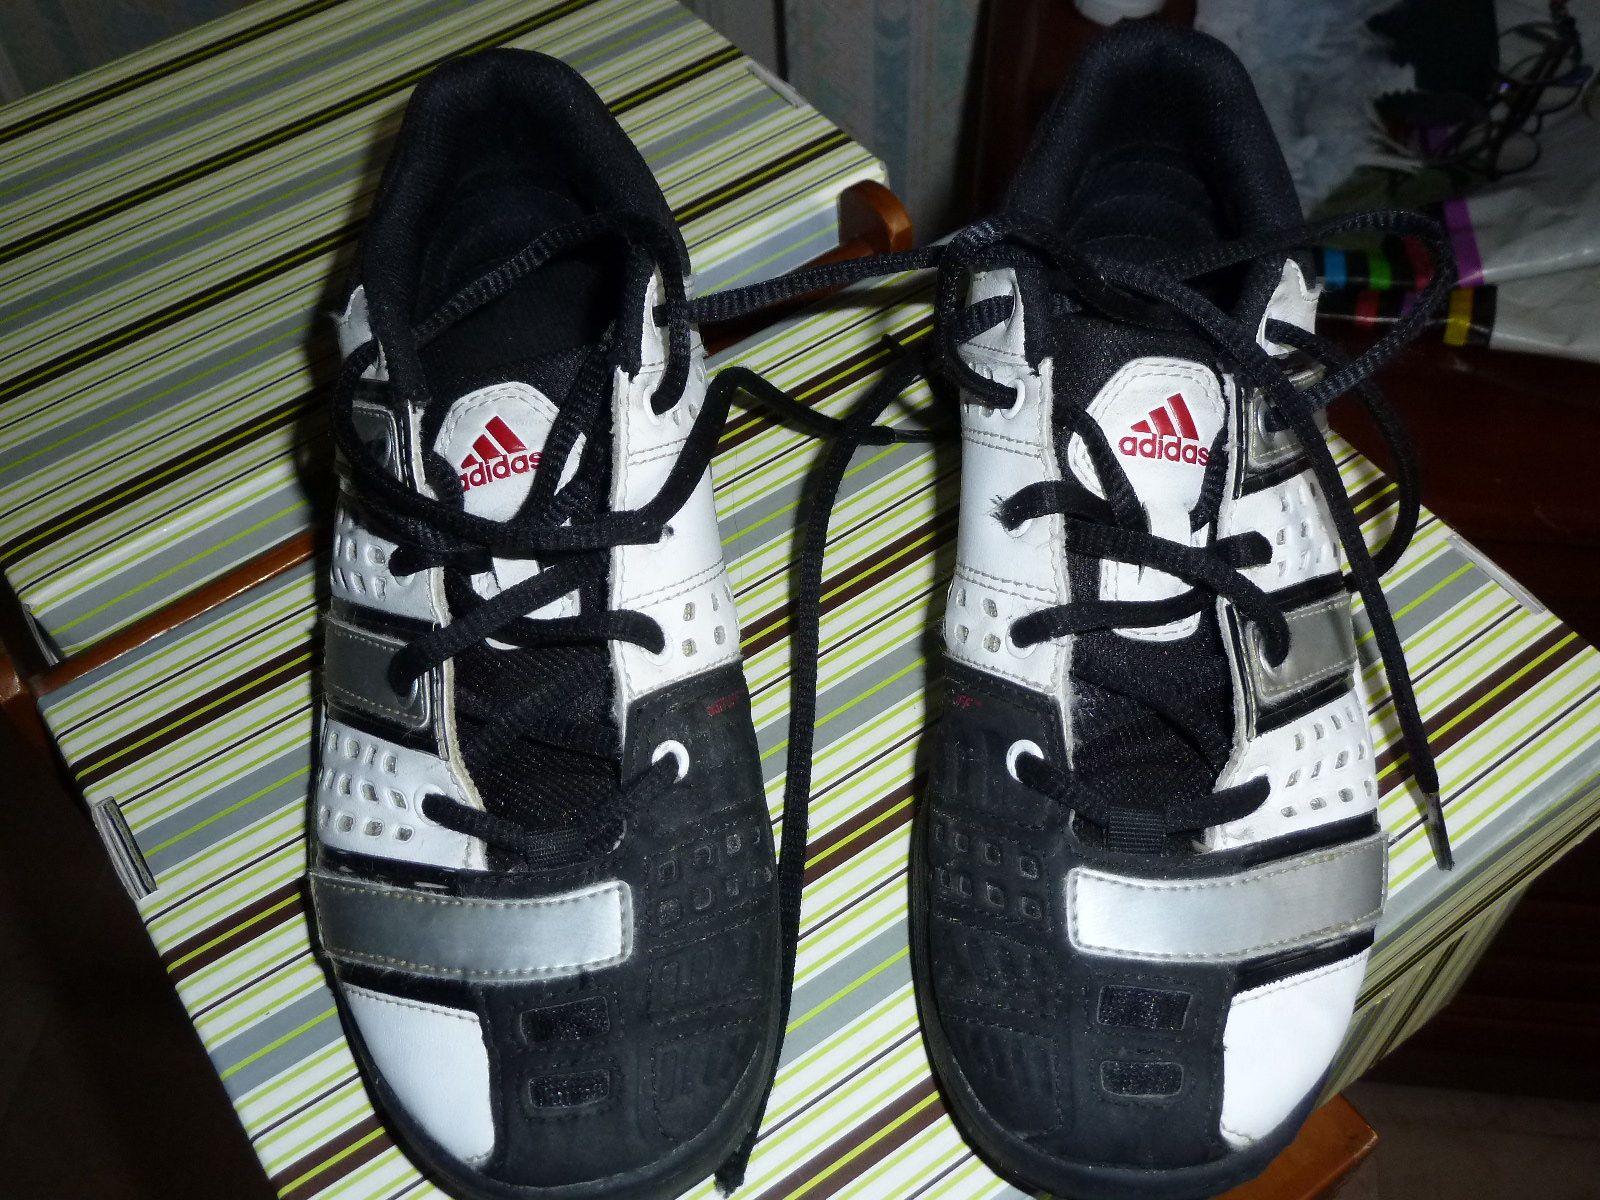 Chaussures garçons taille 36